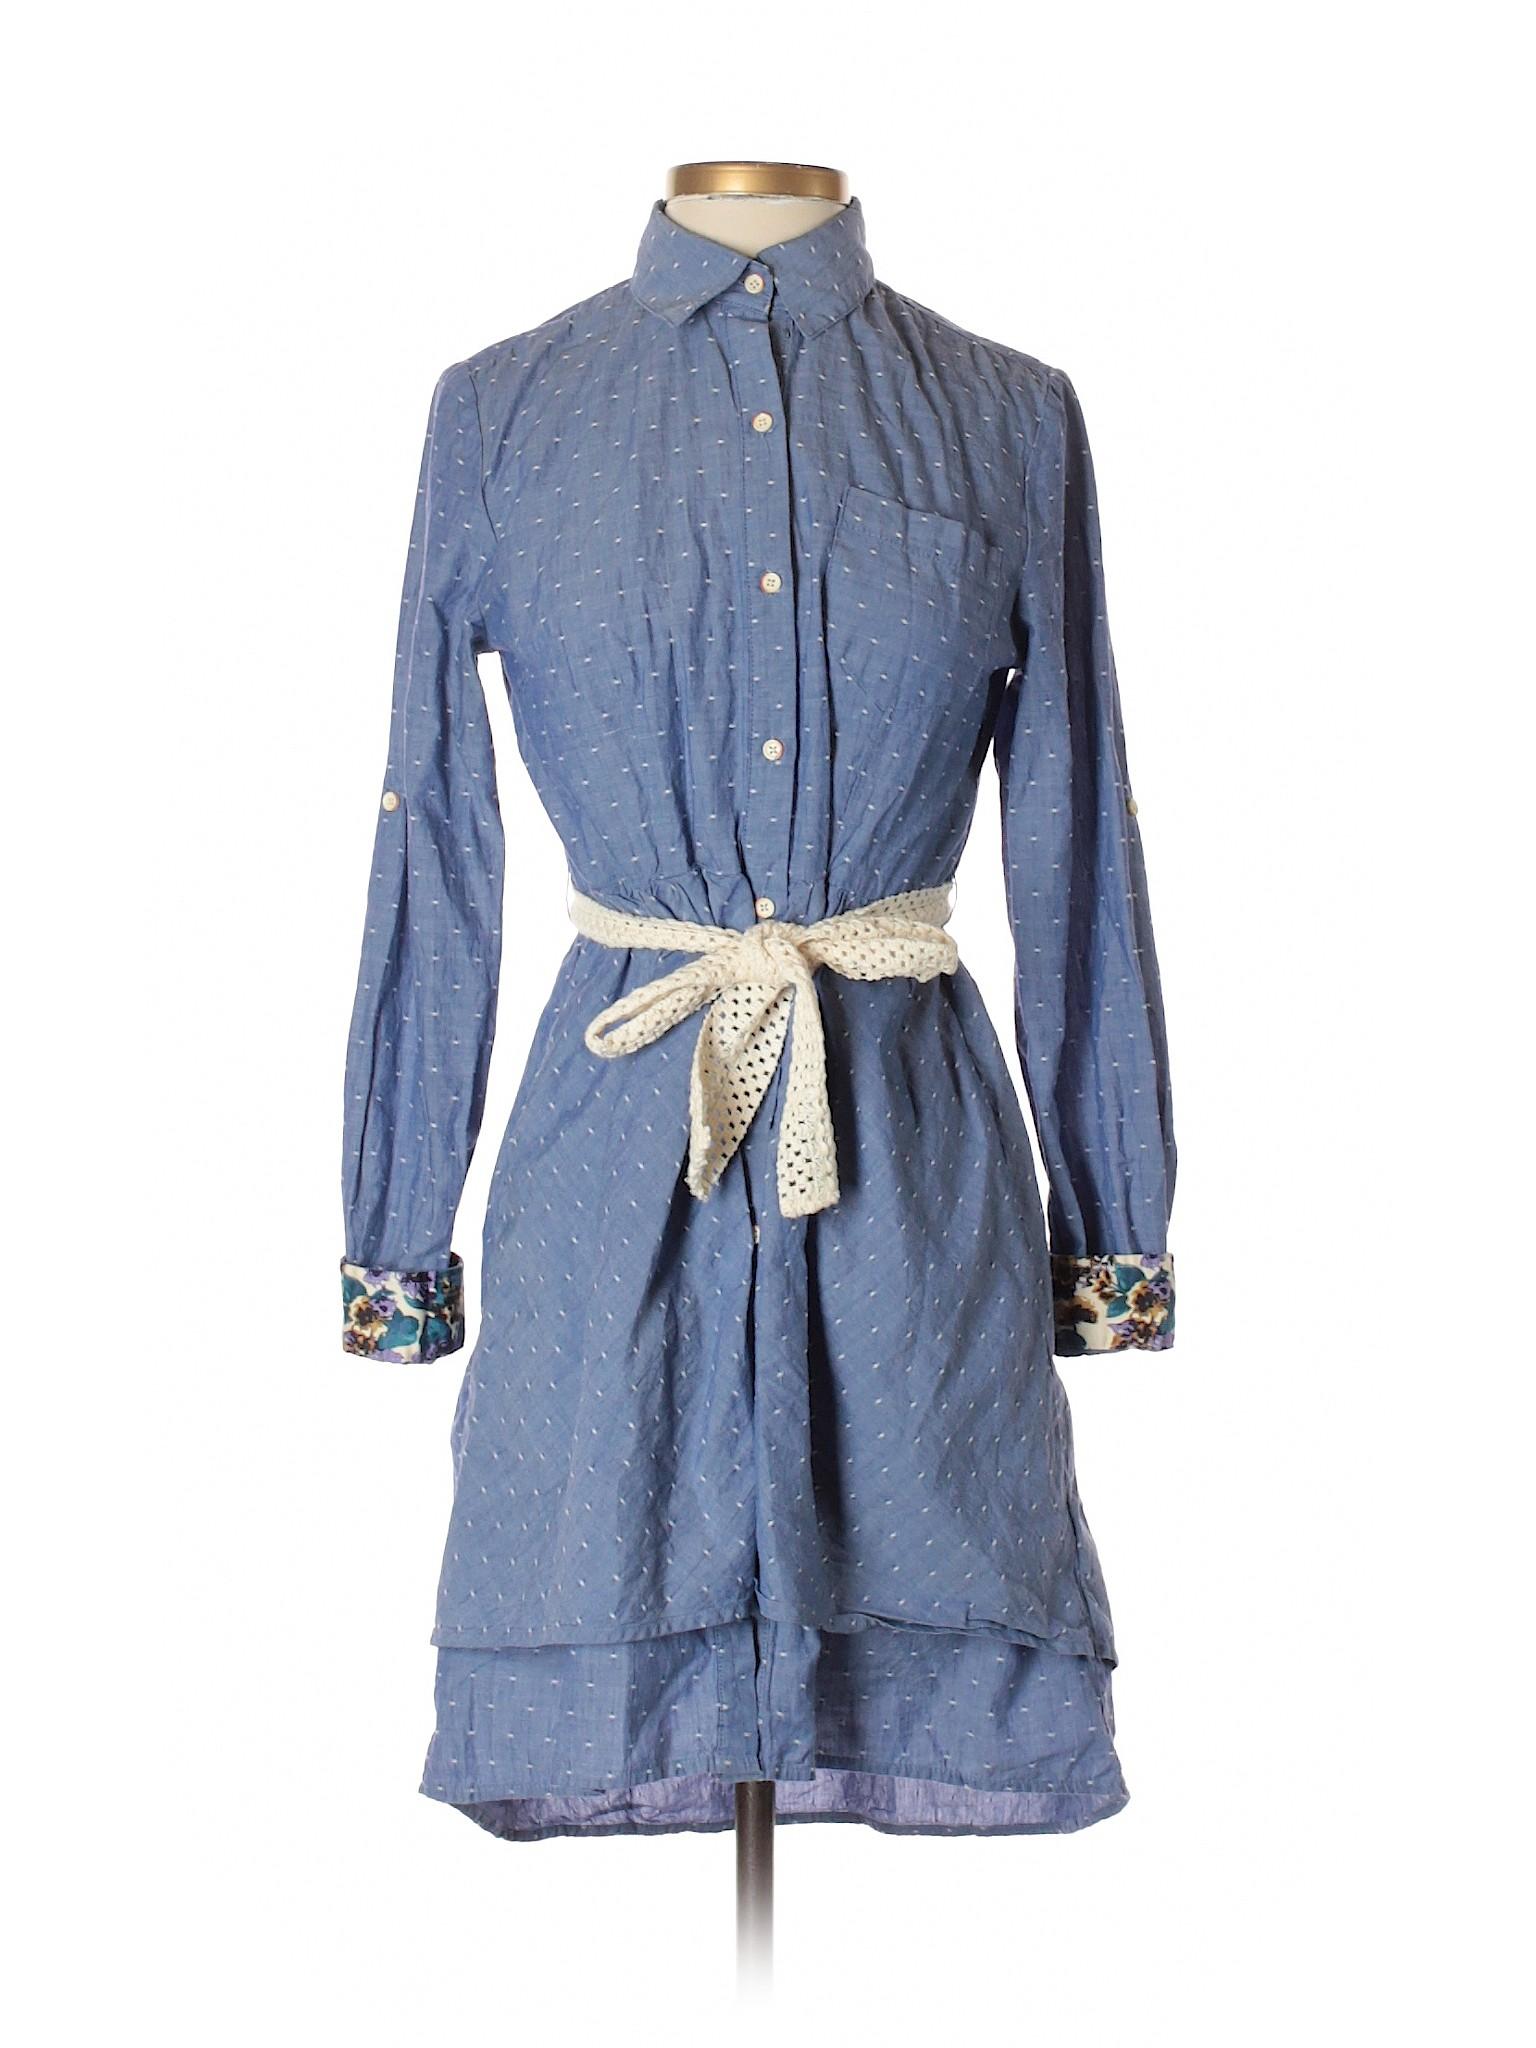 winter Isabella Casual Sinclair Boutique Dress wqPA14z